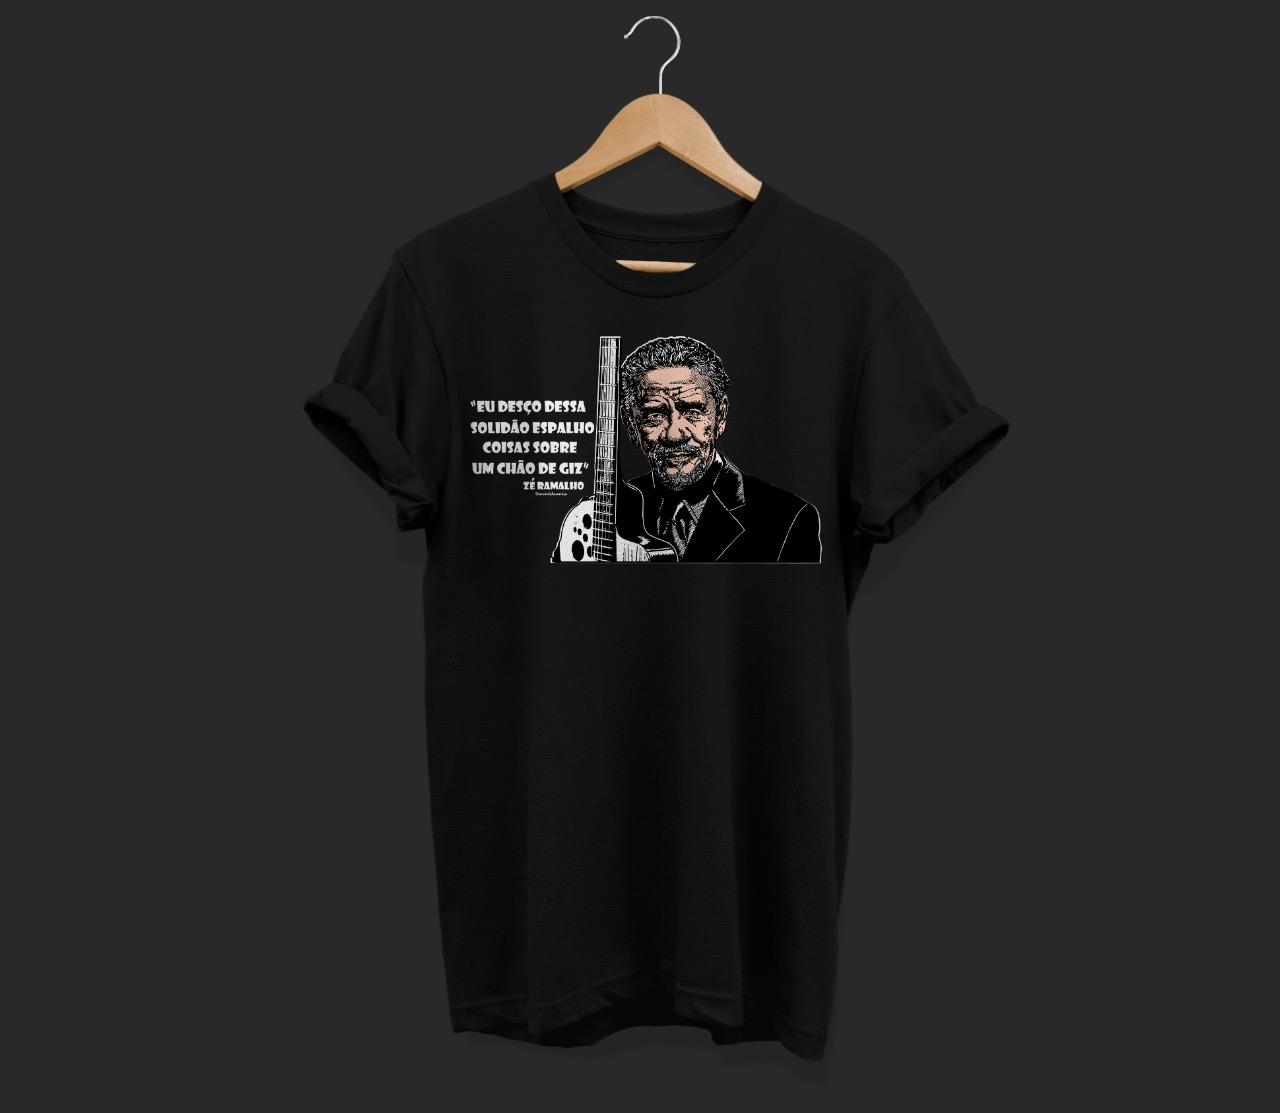 """Camiseta - """"Eu desço dessa solidão espalho coisas sobre um ..."""